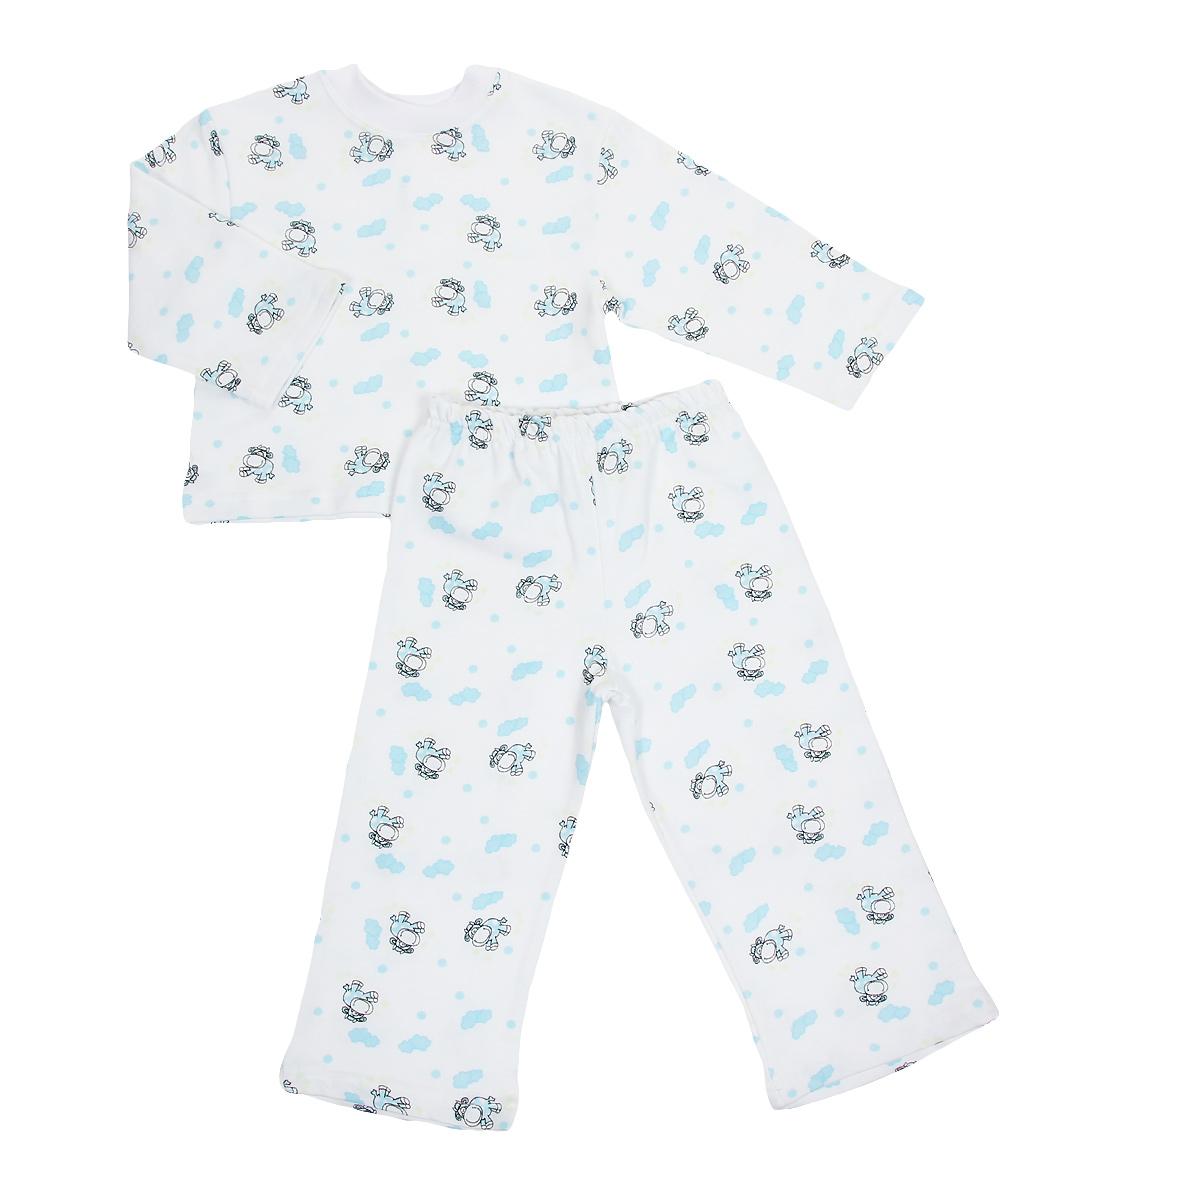 Пижама детская Трон-плюс, цвет: белый, голубой, рисунок коровы. 5553. Размер 80/86, 1-2 года